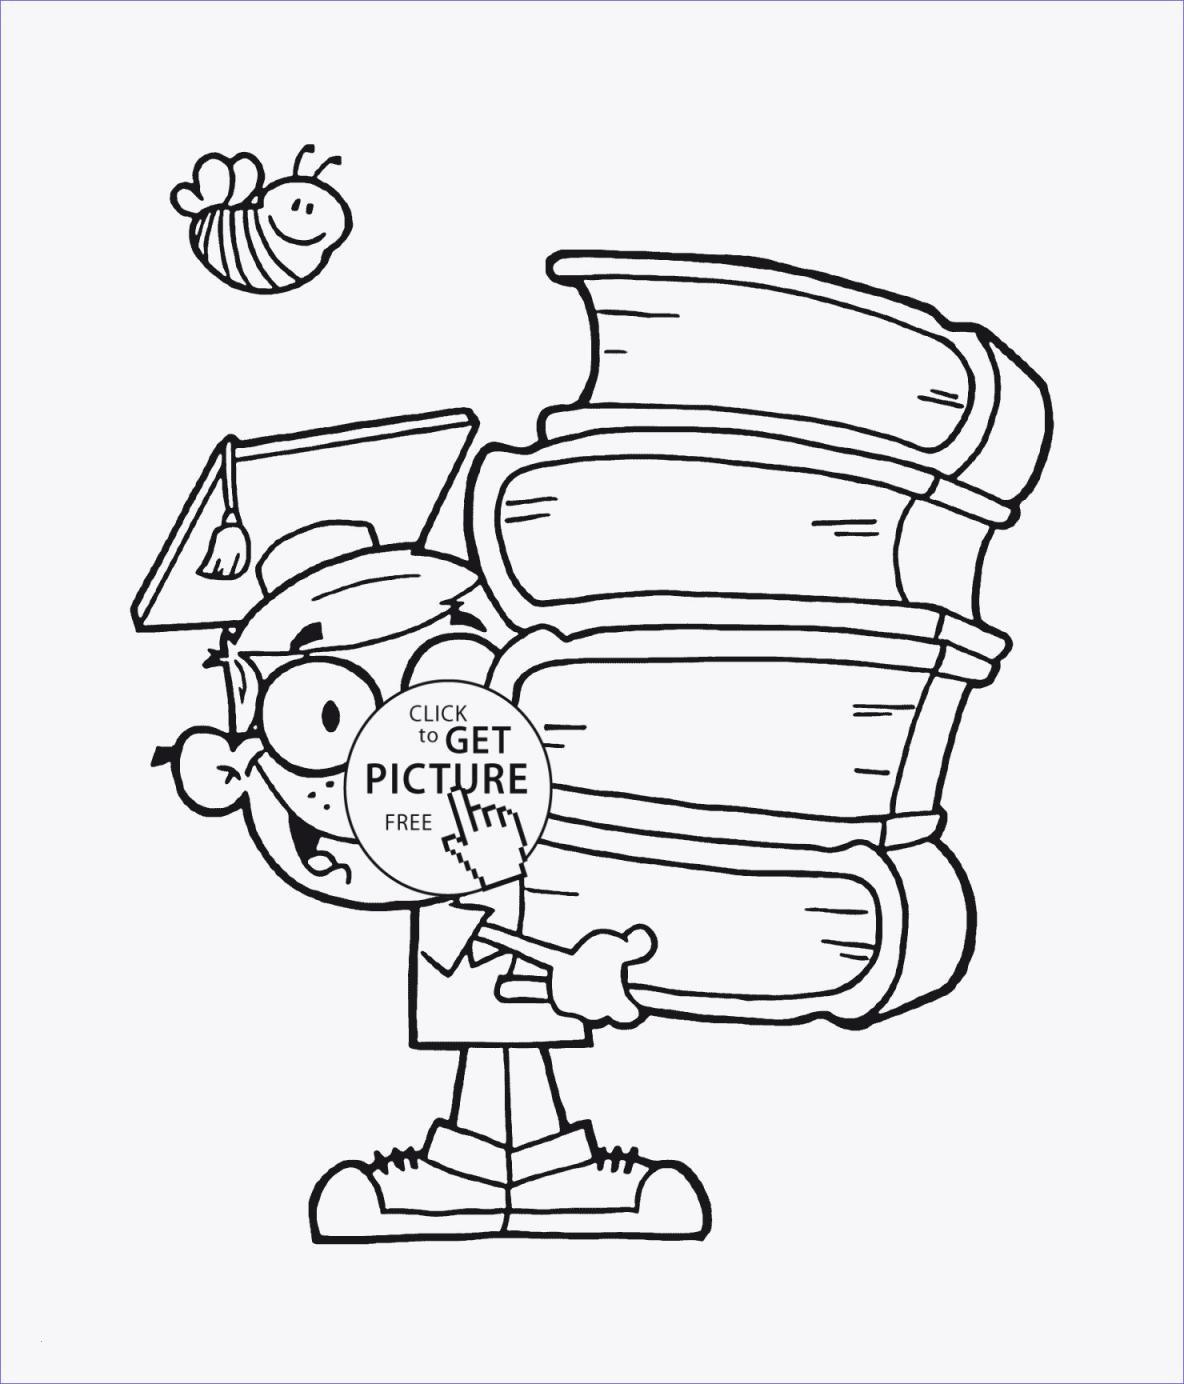 Super Mario Pilz Ausmalbilder Einzigartig Ausmalbilder Noten Genial Ausmalbild Erntedank Religionspädagogik Bilder